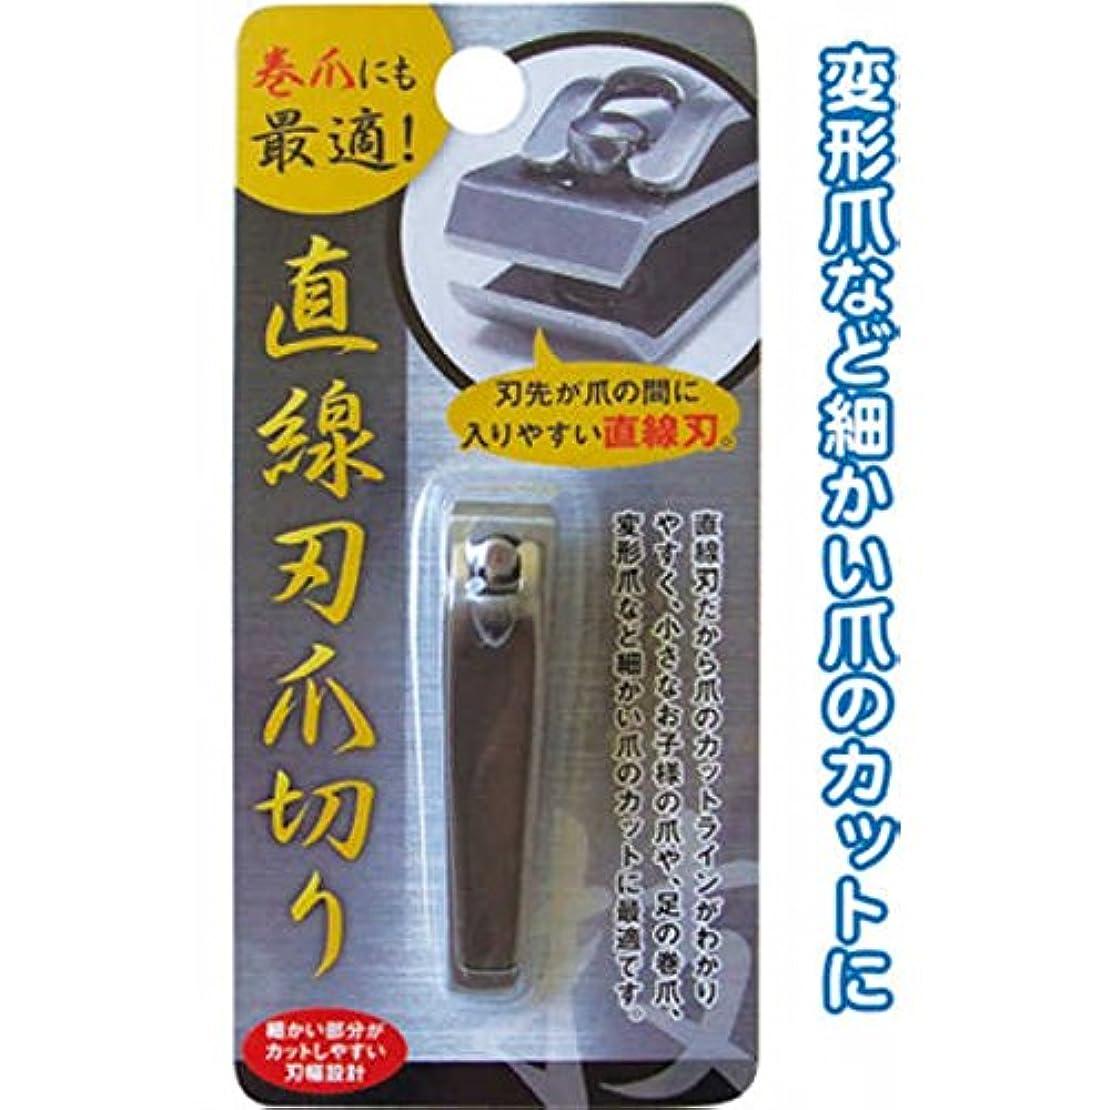 水平学期揮発性巻爪にも最適!直線刃ステンレス爪切り 【まとめ買い12個セット】 18-601